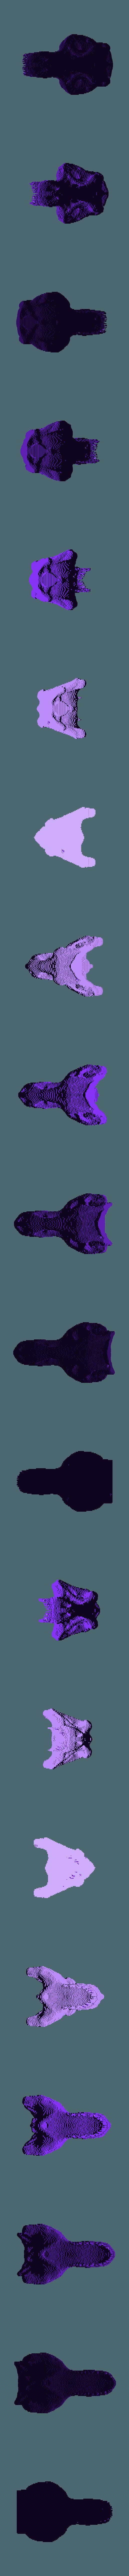 T-RexSkull_Skull_voxelized_128_2.stl Télécharger fichier STL gratuit Crâne T-Rex voxélisé • Plan imprimable en 3D, makerwiz